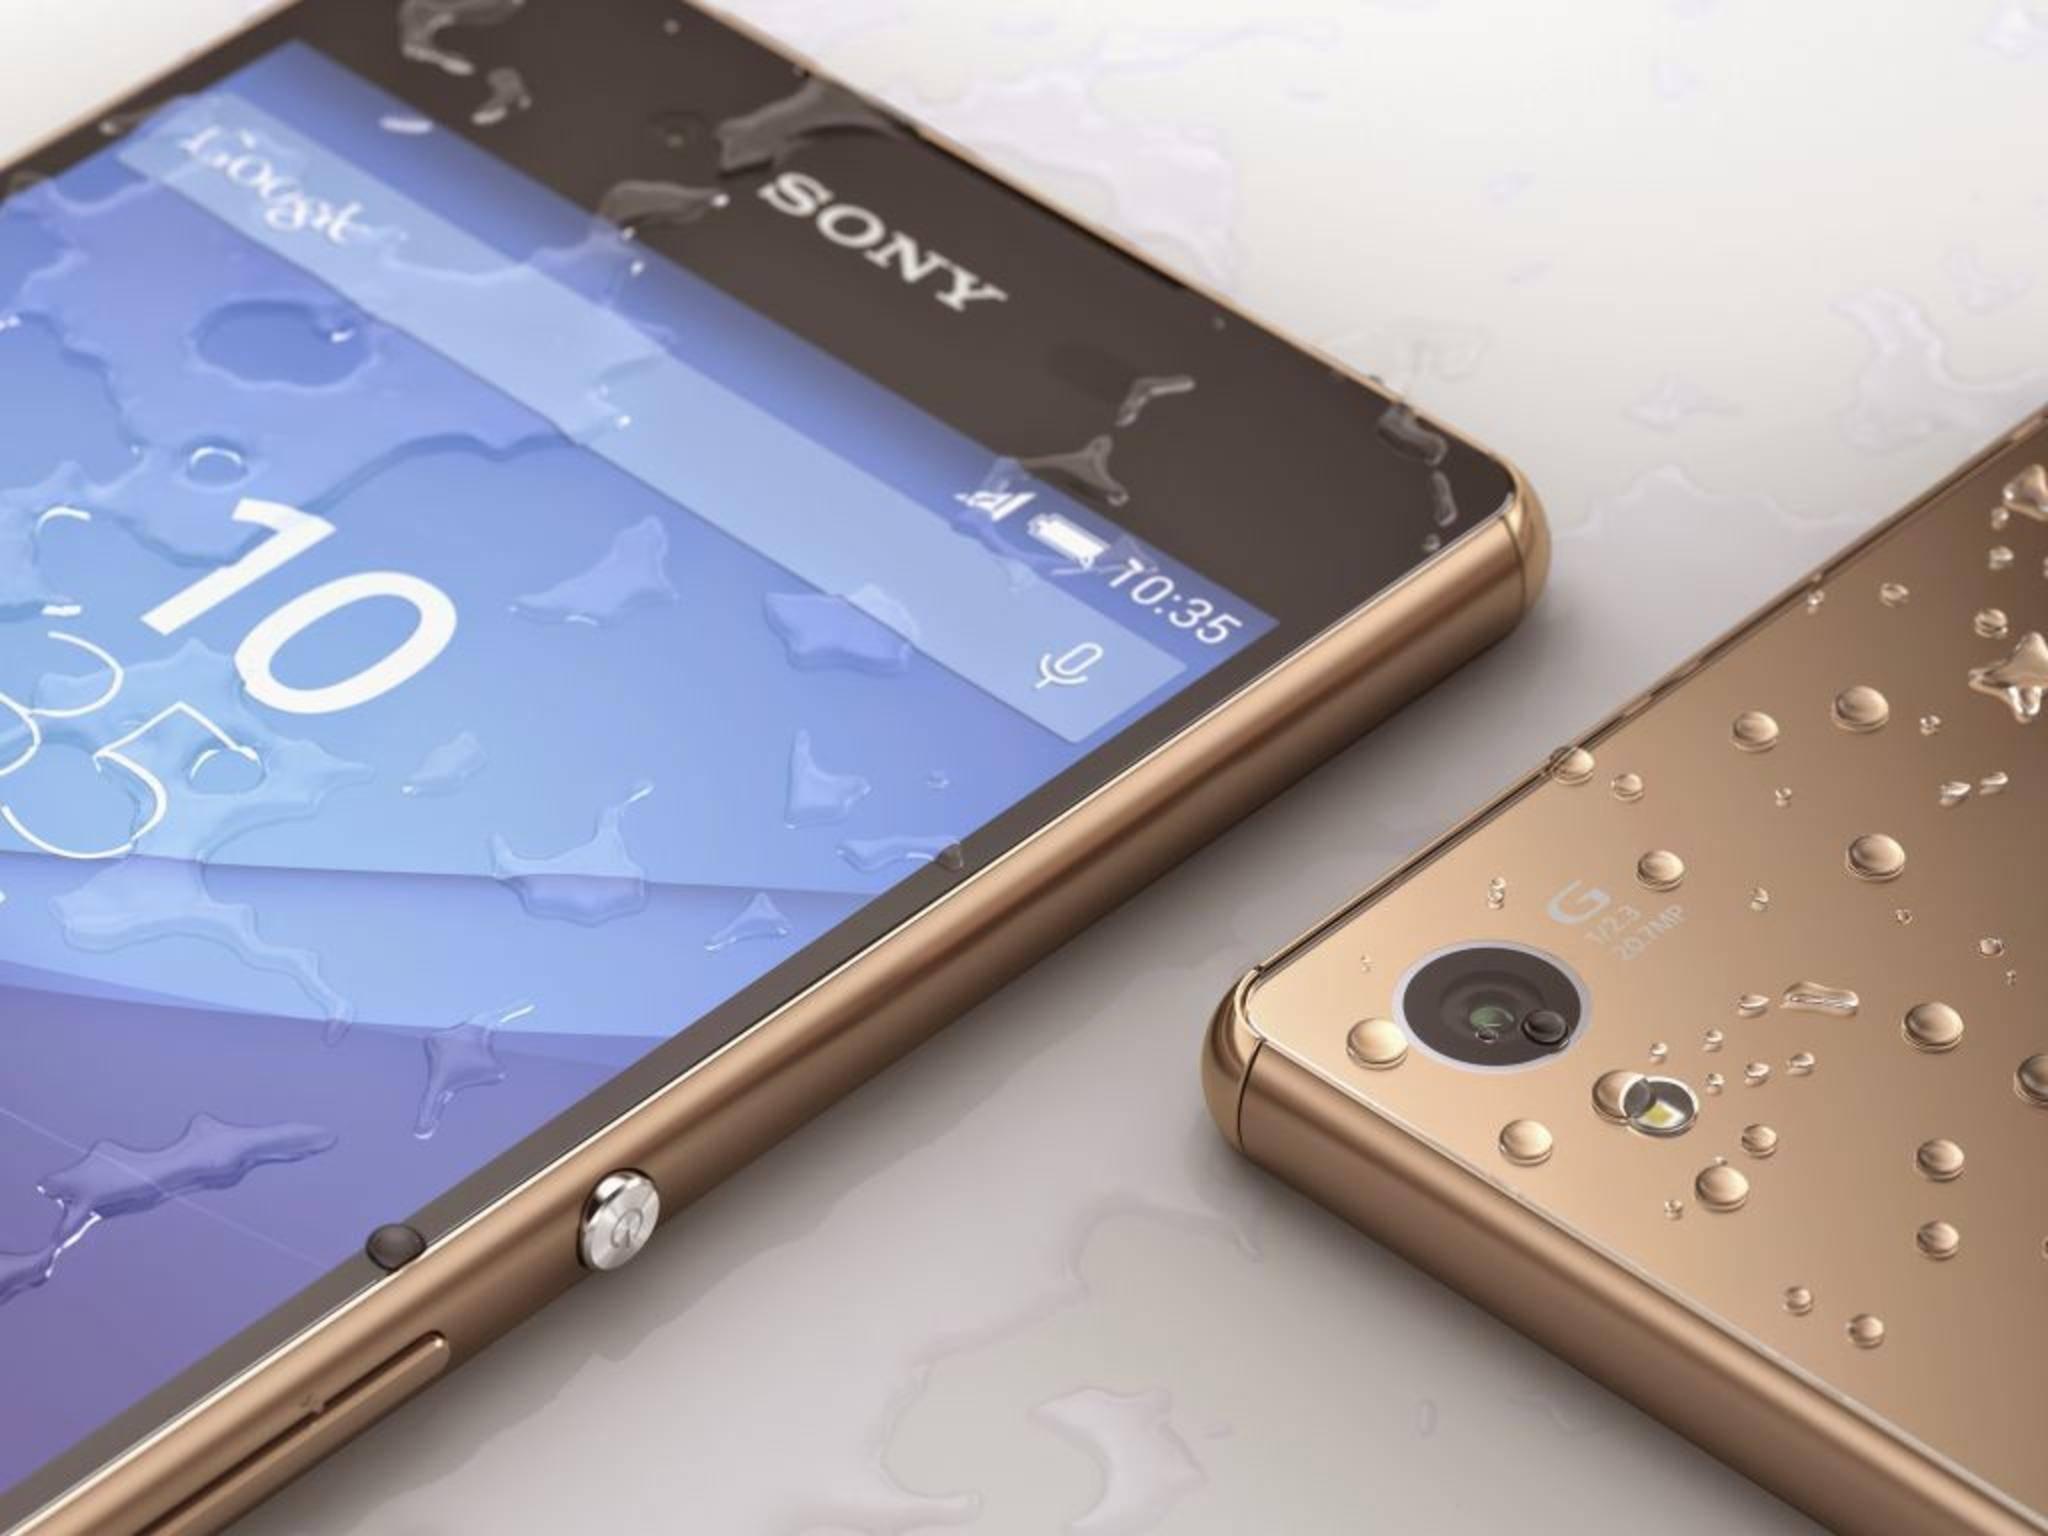 Das Sony Xperia Z5 könnte womöglich bereits auf der IFA 2015 vorgestellt werden.